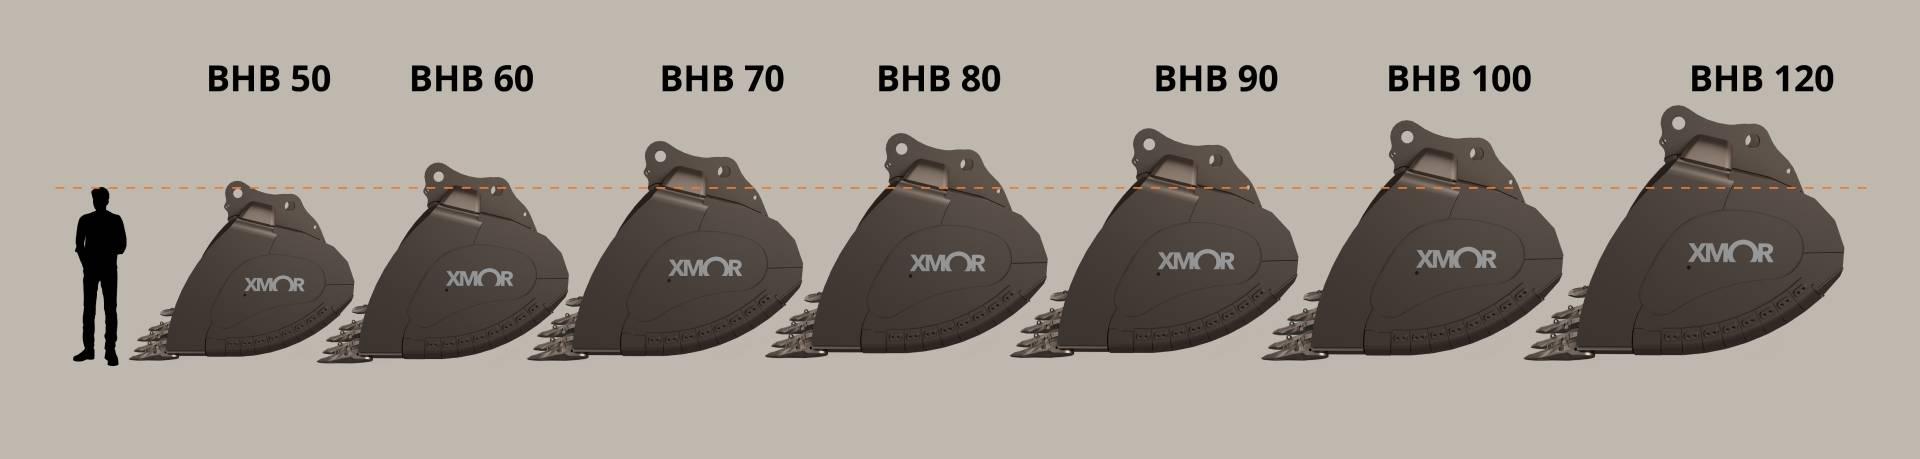 Size Comparison BHB Xmor